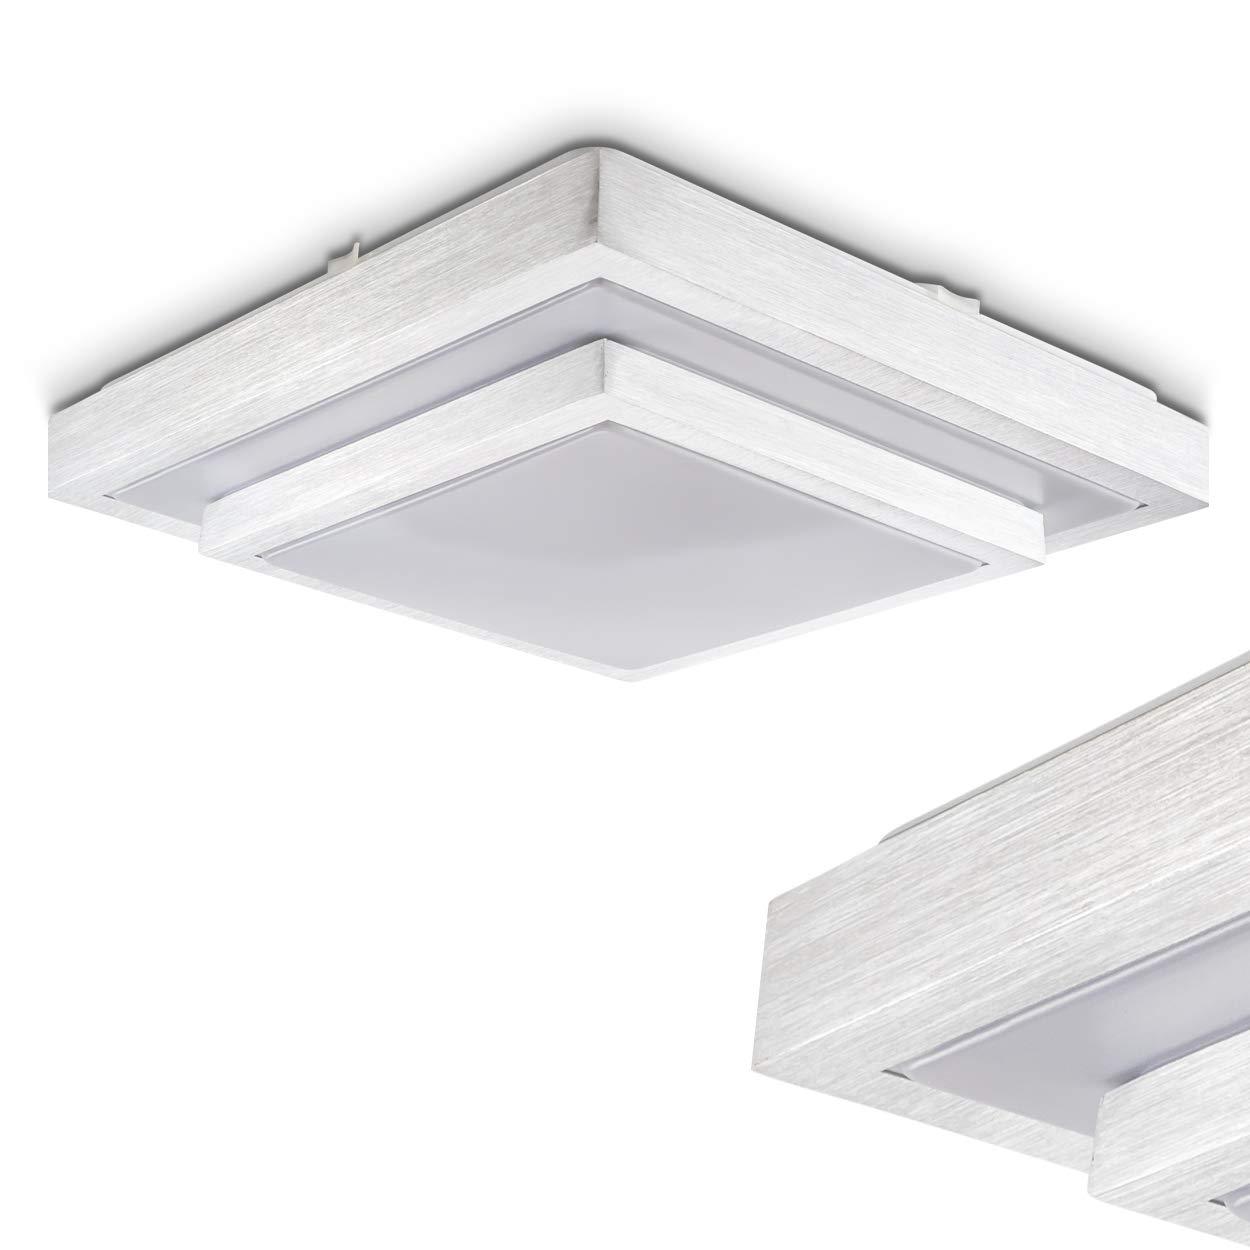 Deckenlampe Sora mit LED-Lichtern aus Metall – Warmweißes, gemütliches Licht mit 3000 Kelvin und 22 Watt für das Badezimmer oder andere Zimmer – Toller Kontrast zwischen Weiß und gebürstetem Metall [Energieklasse A++] hofstein H166049